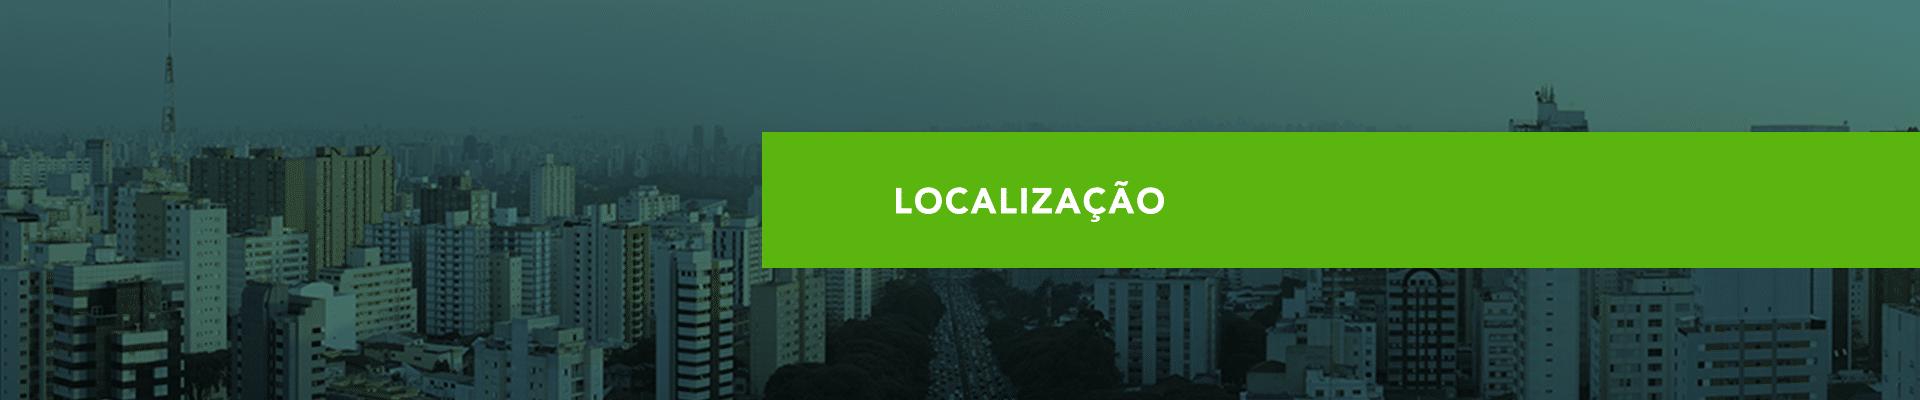 localizacao-banner-principal